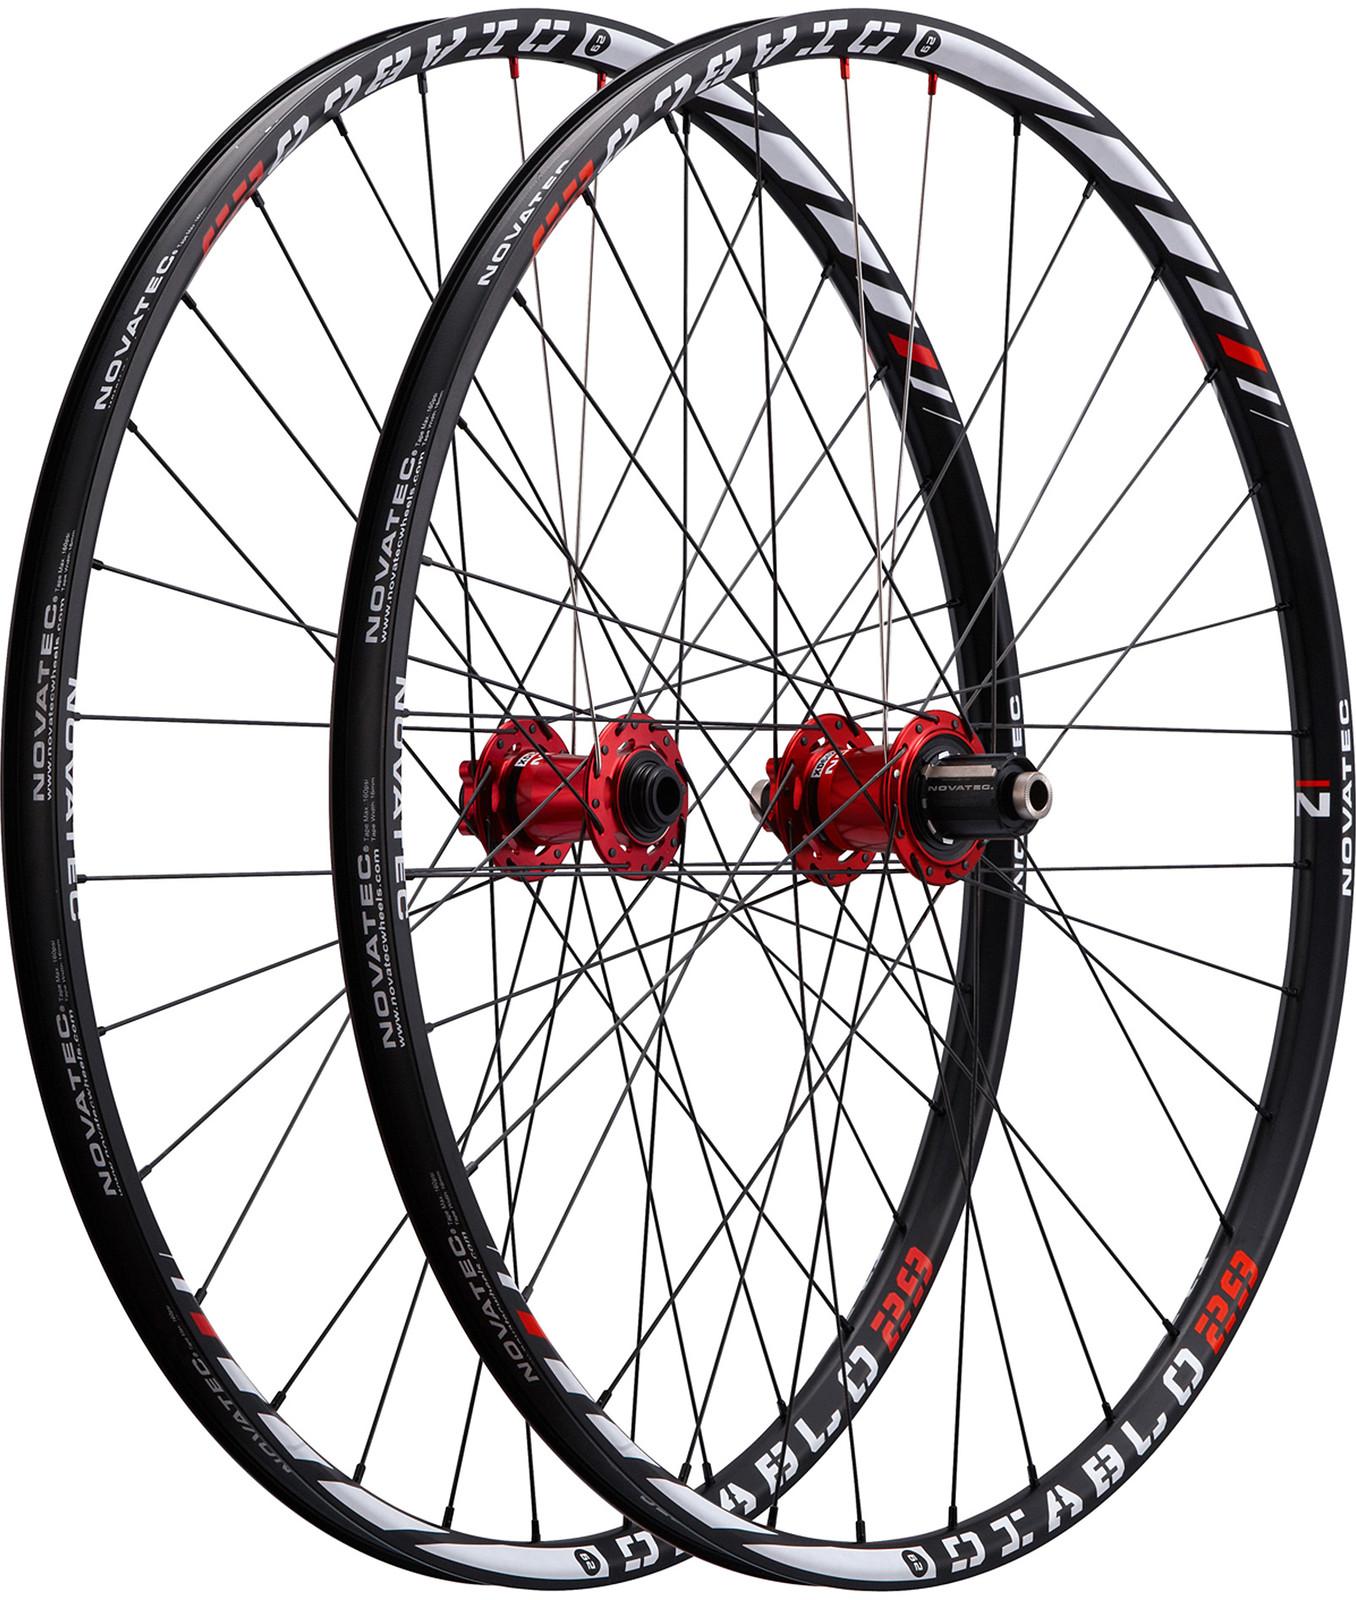 Novatec Diablo 29 Complete Wheelset diablo29